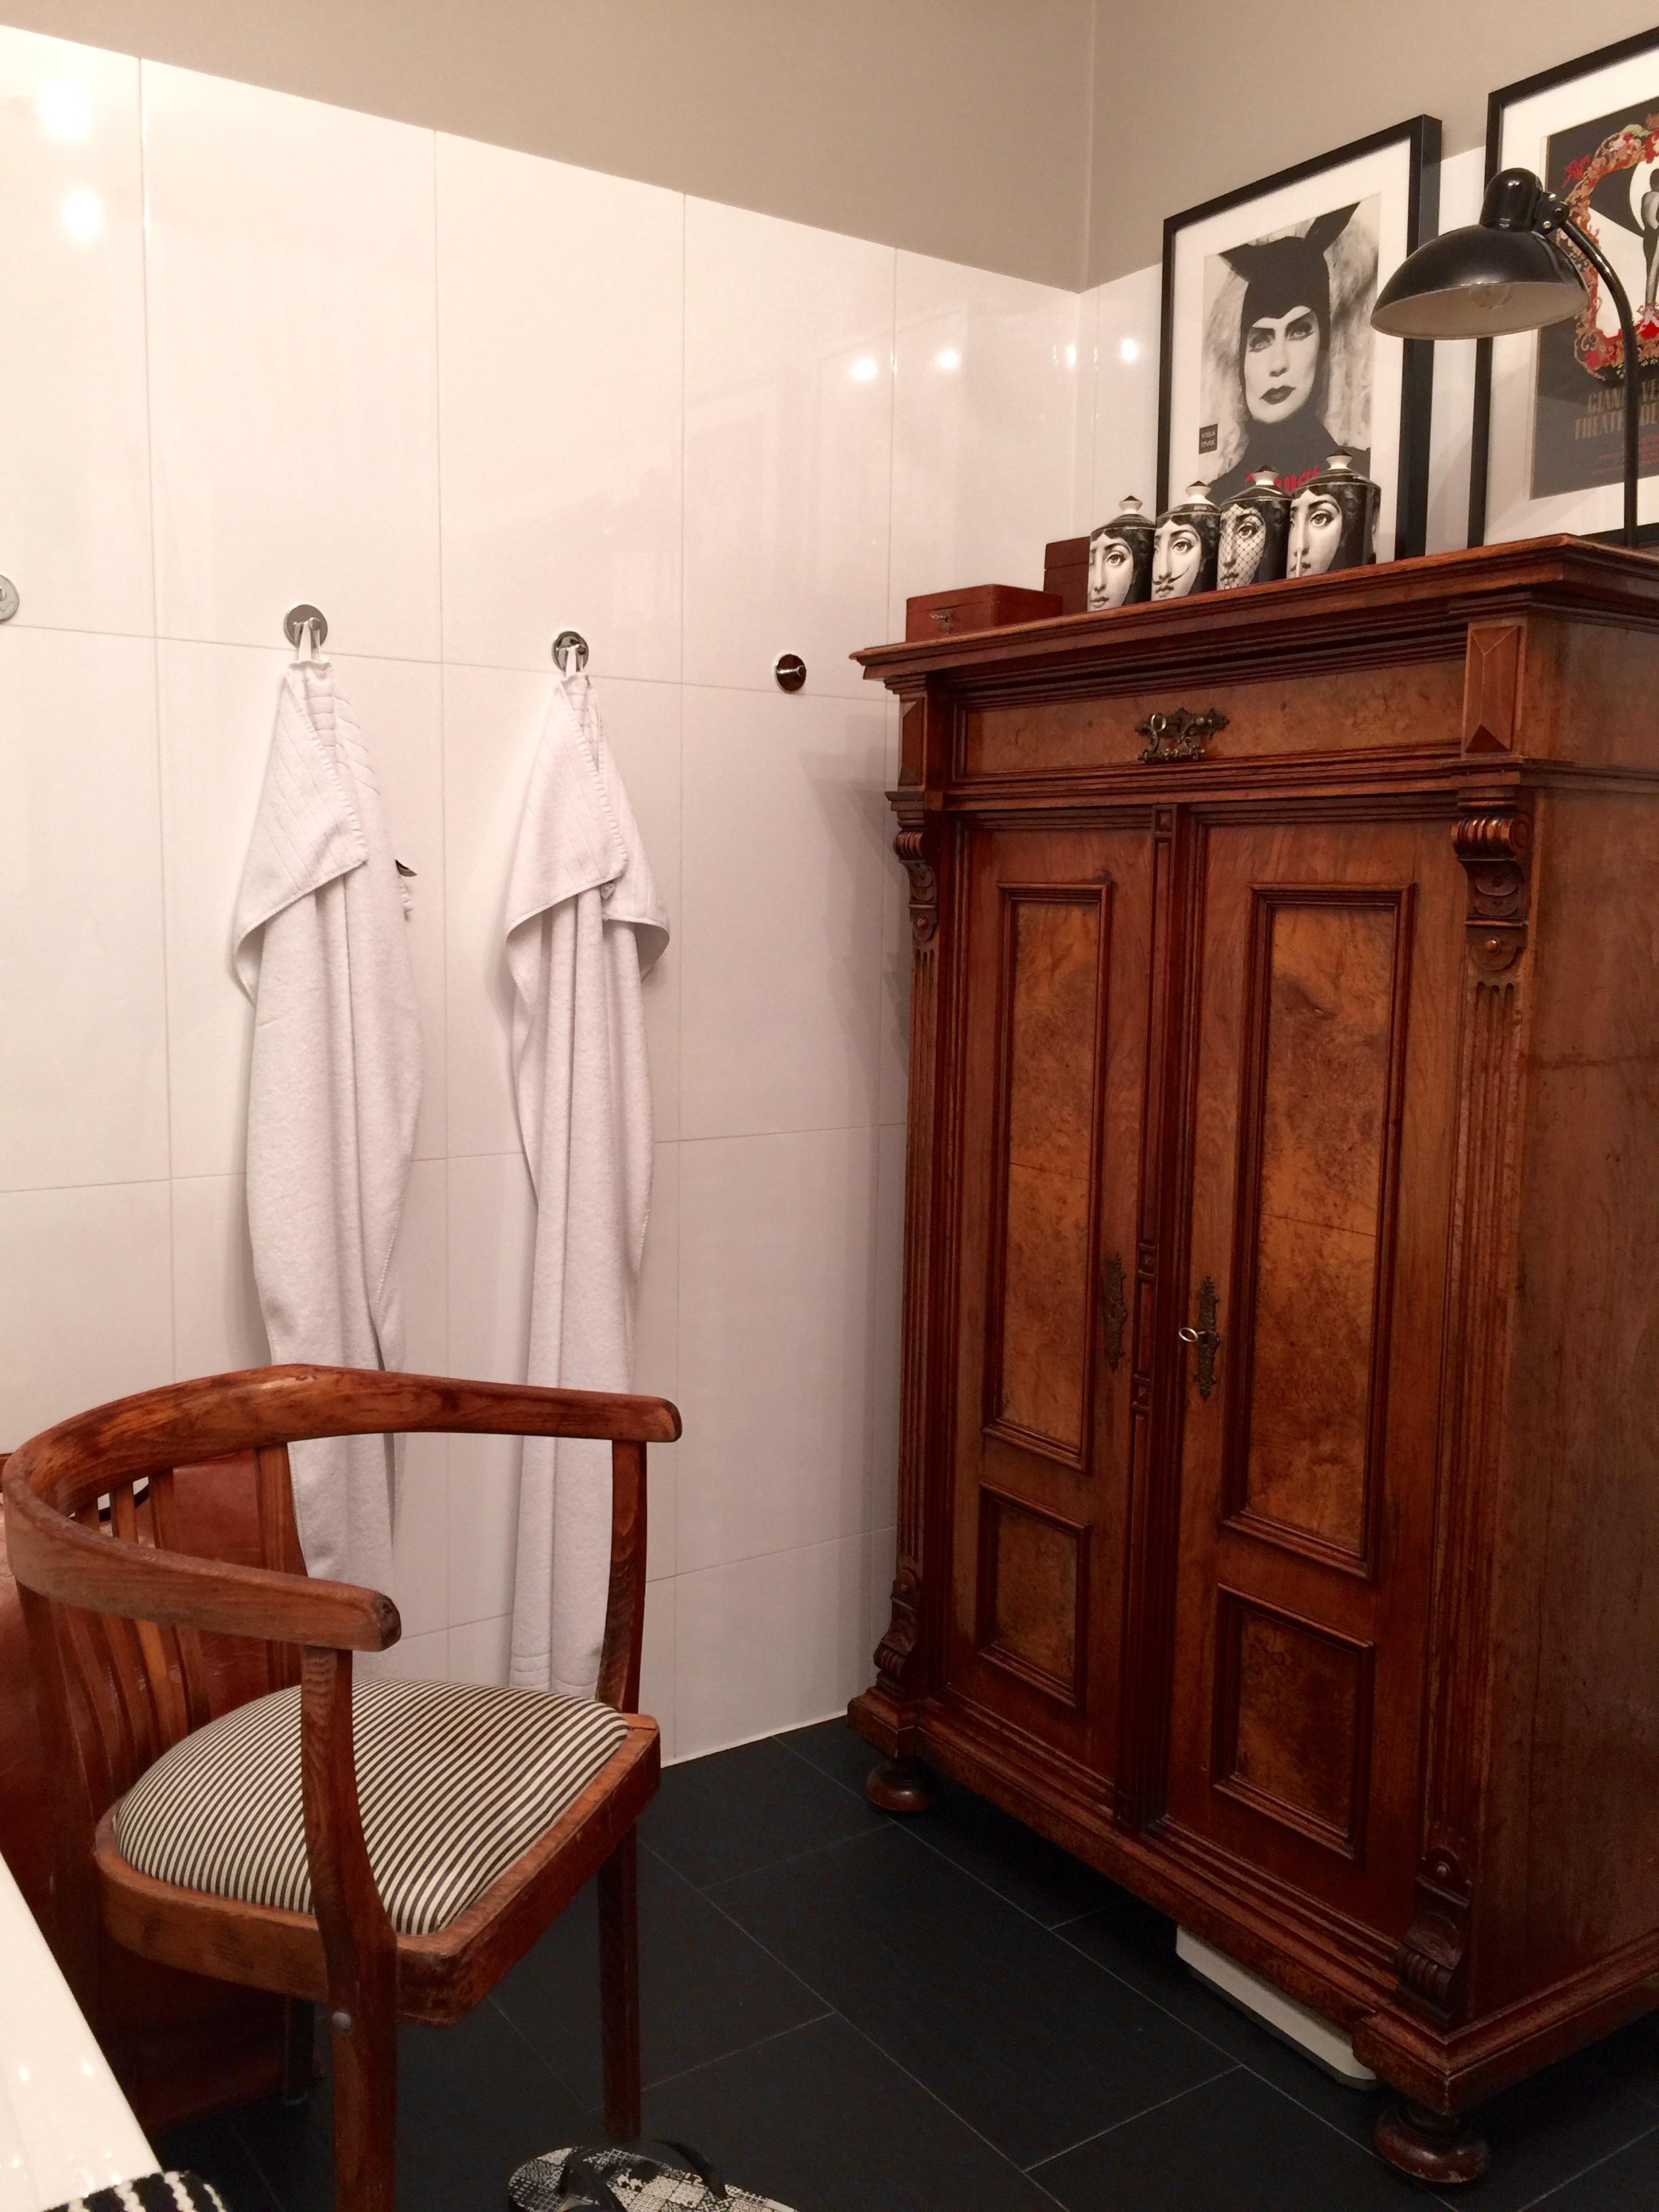 gro e fliegen im badezimmer inspiration design raum und m bel f r ihre wohnkultur. Black Bedroom Furniture Sets. Home Design Ideas